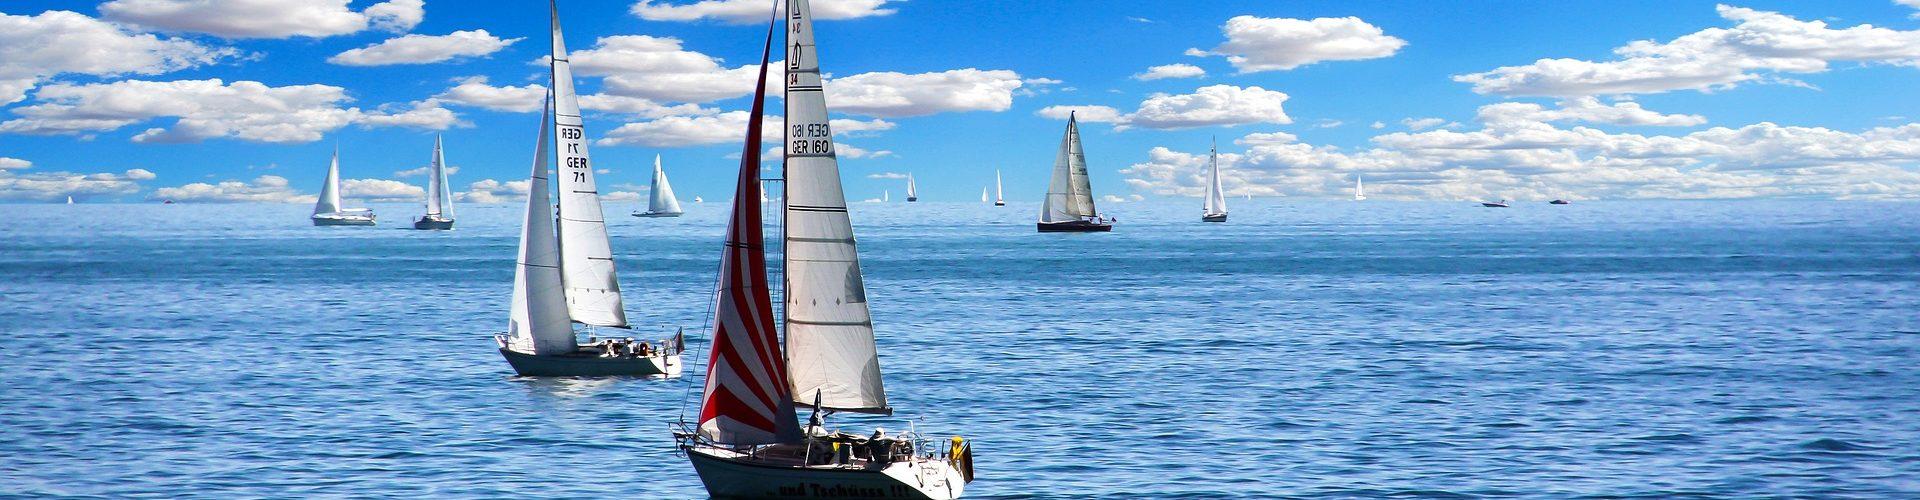 segeln lernen in Lubmin segelschein machen in Lubmin 1920x500 - Segeln lernen in Lubmin